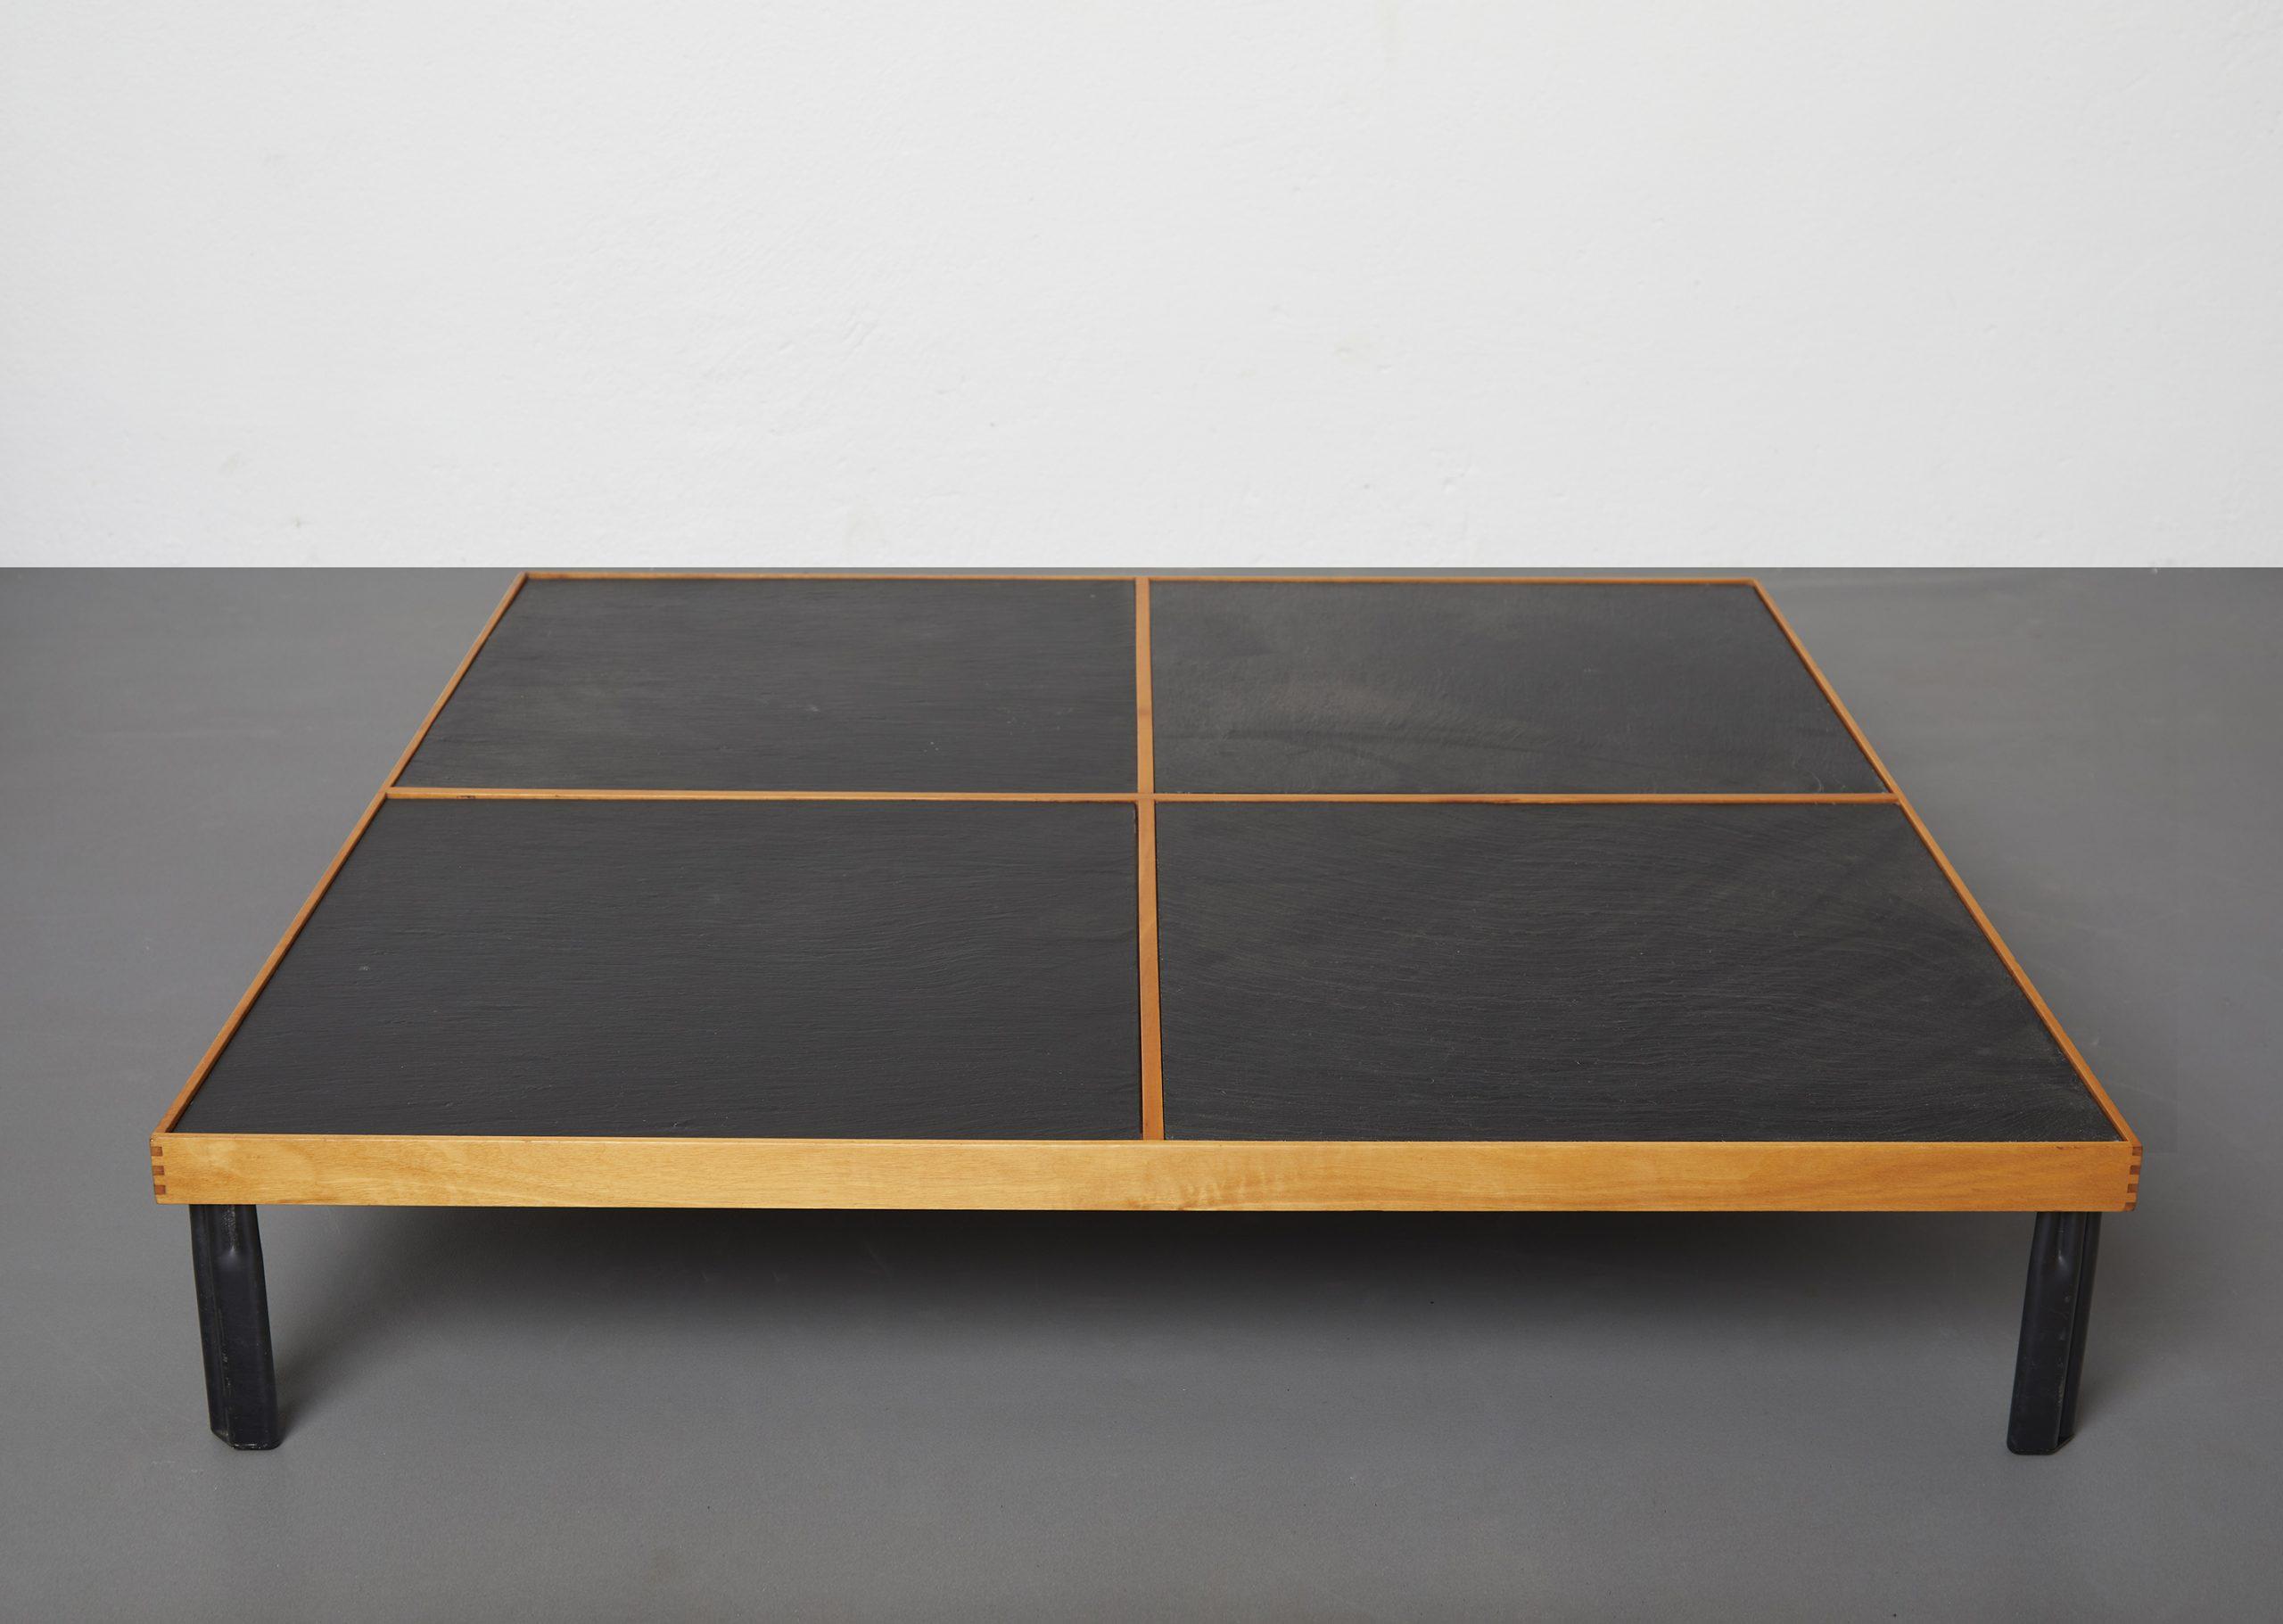 naviglio-coffee-table-by-piero-de-martini-cassina-1980-image-01